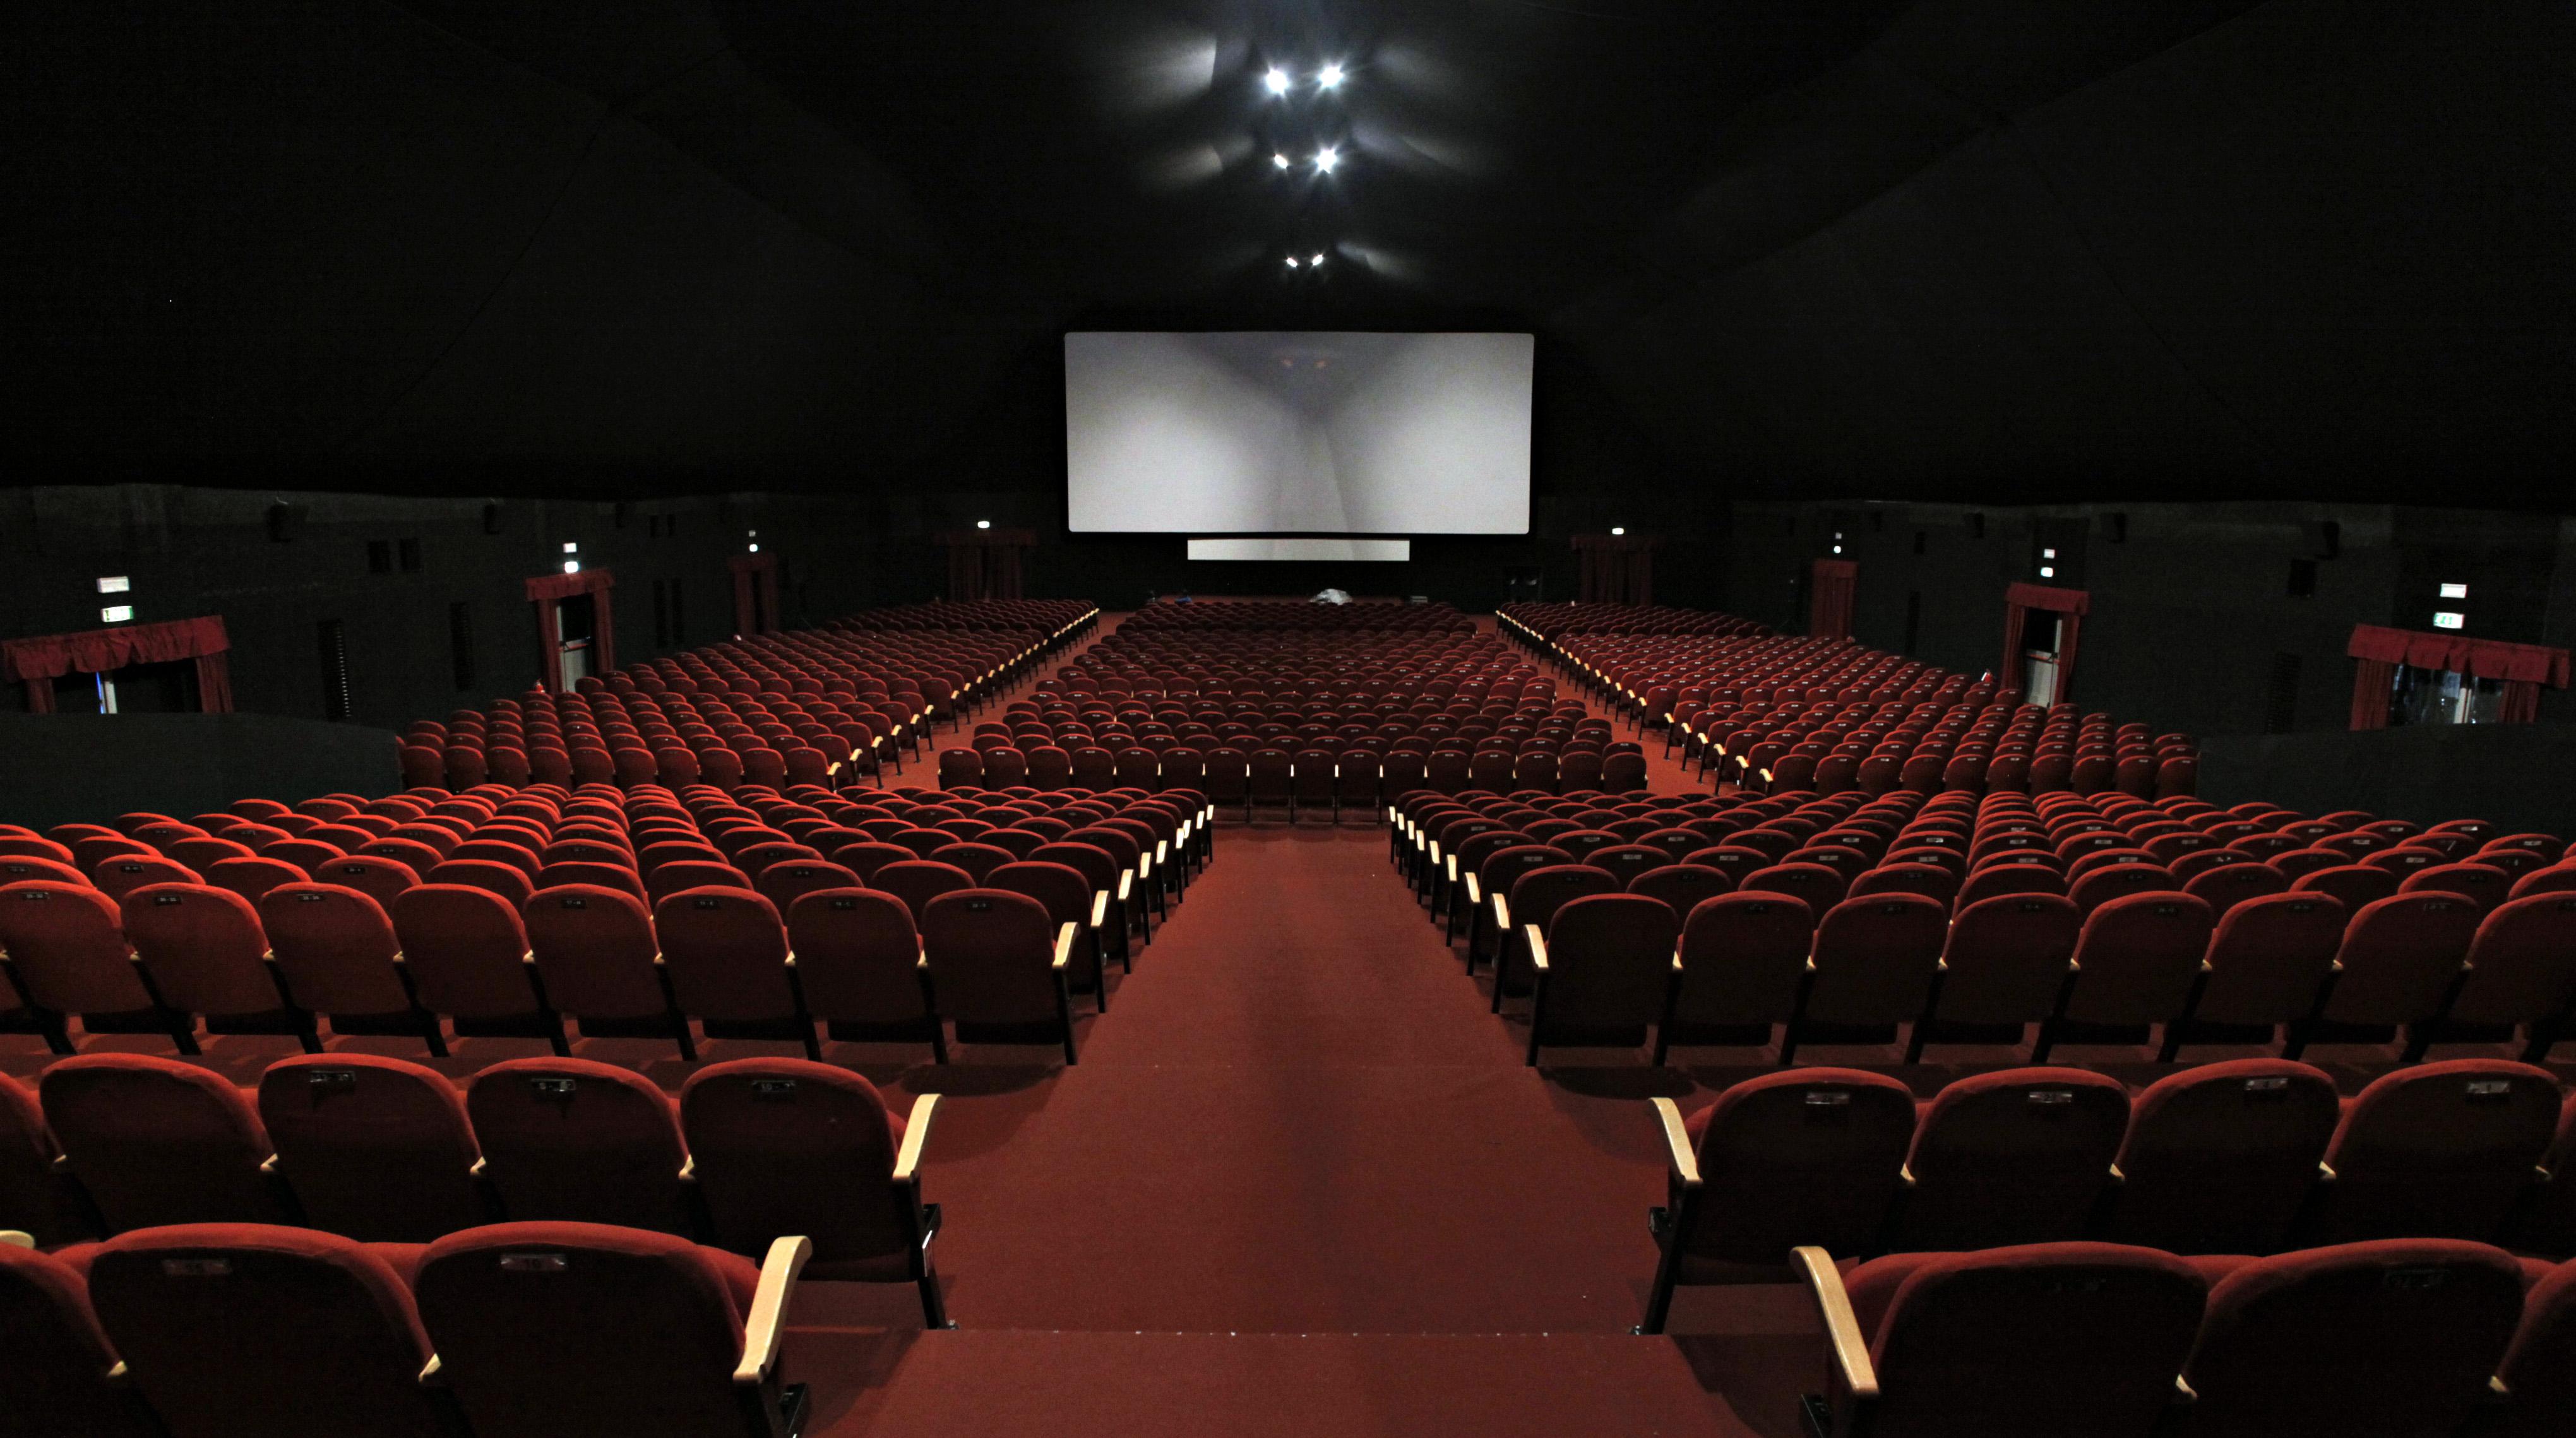 VO cinema in Barcelona